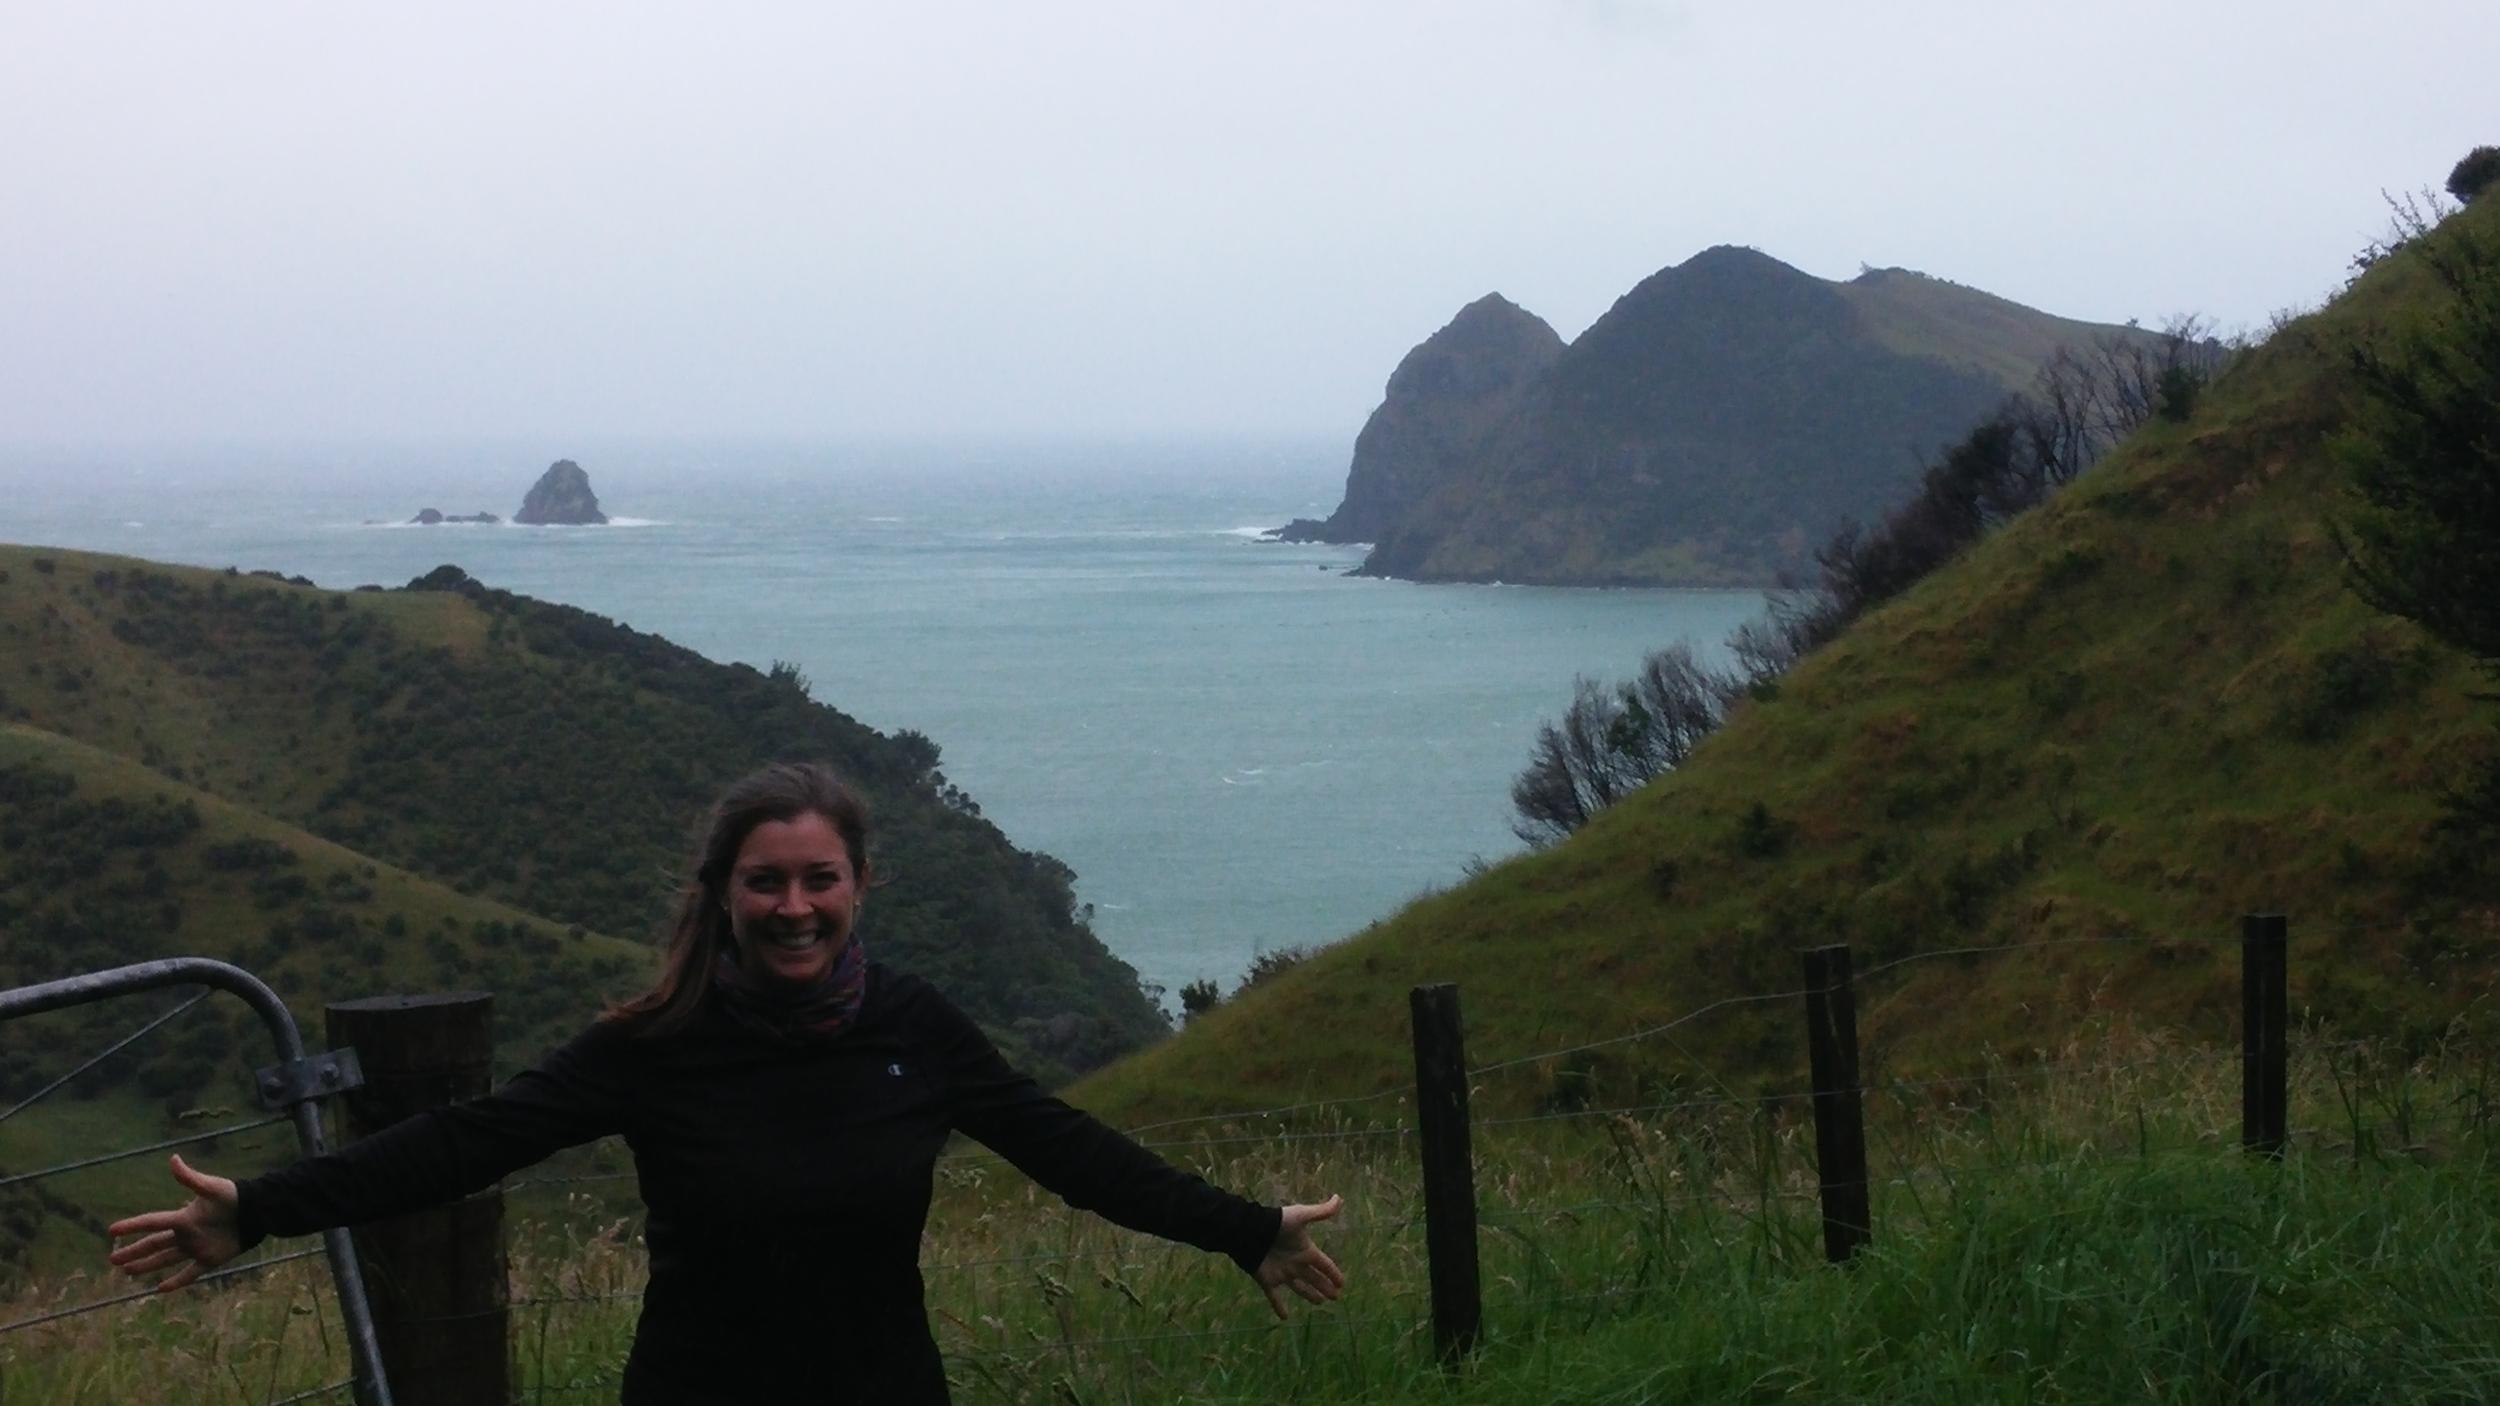 Finally made it to New Zealand! YAHOOO!